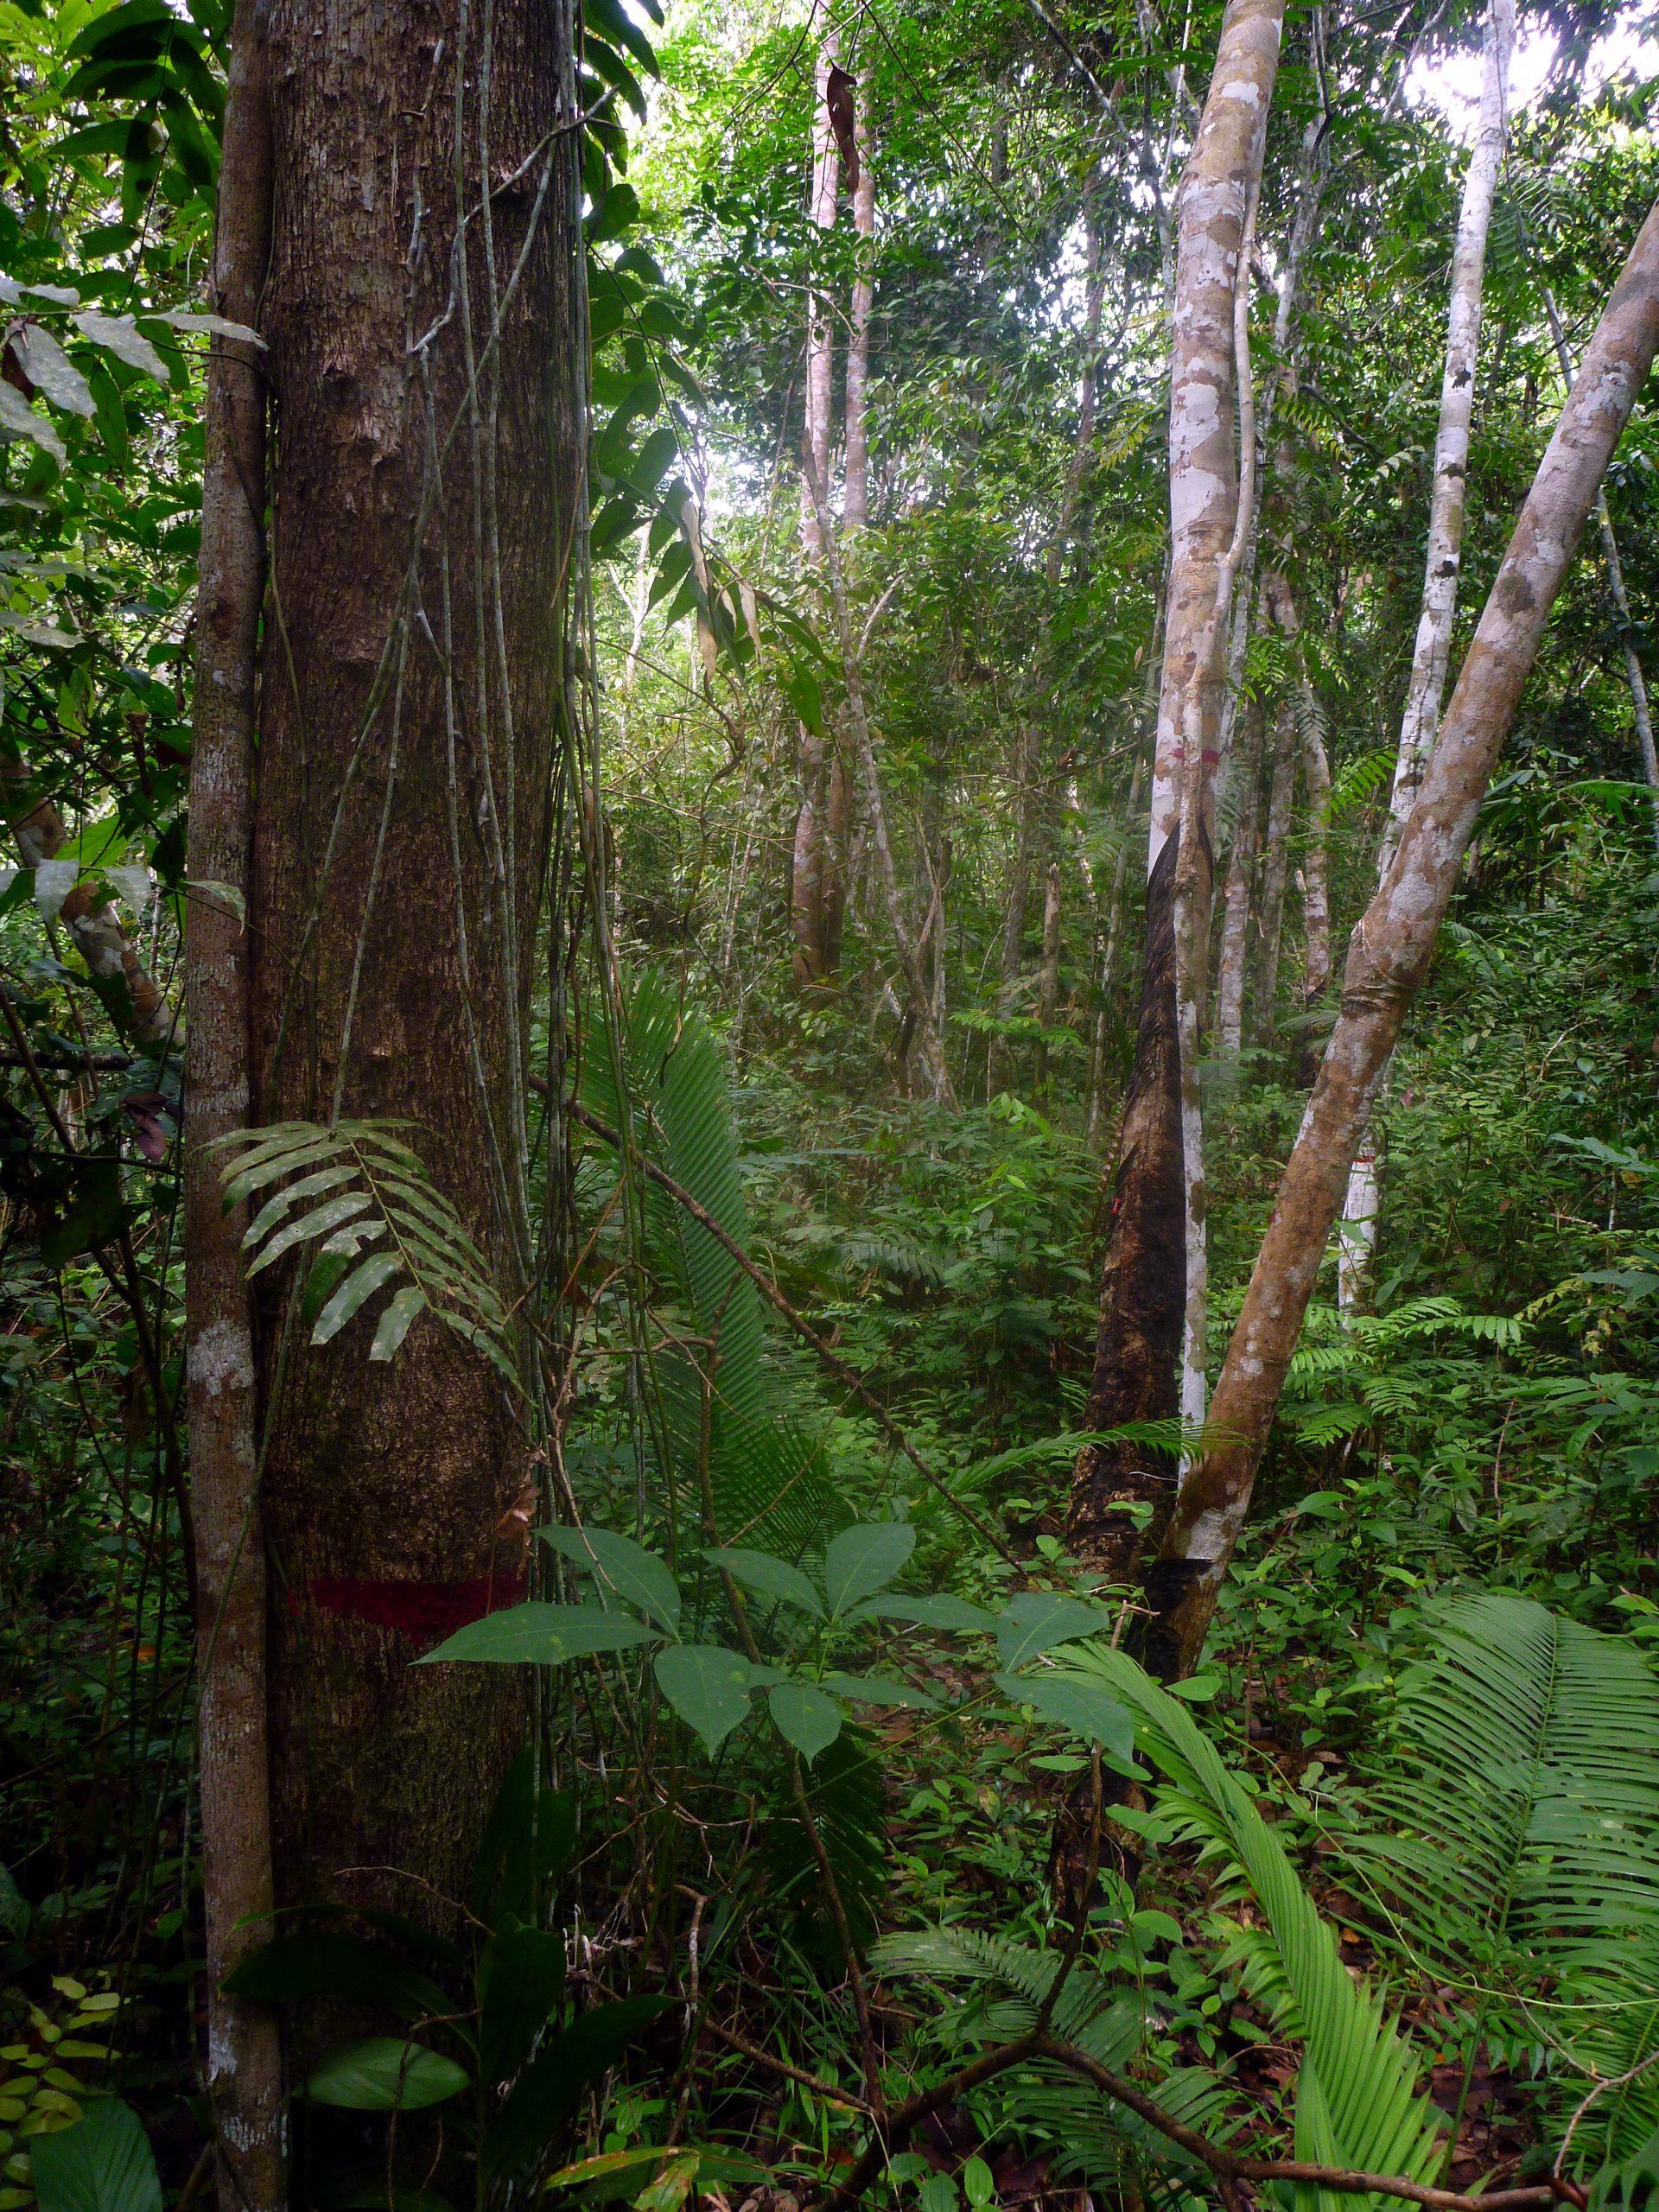 Kautschukplantage gemischt mit Wald (Agroforst)